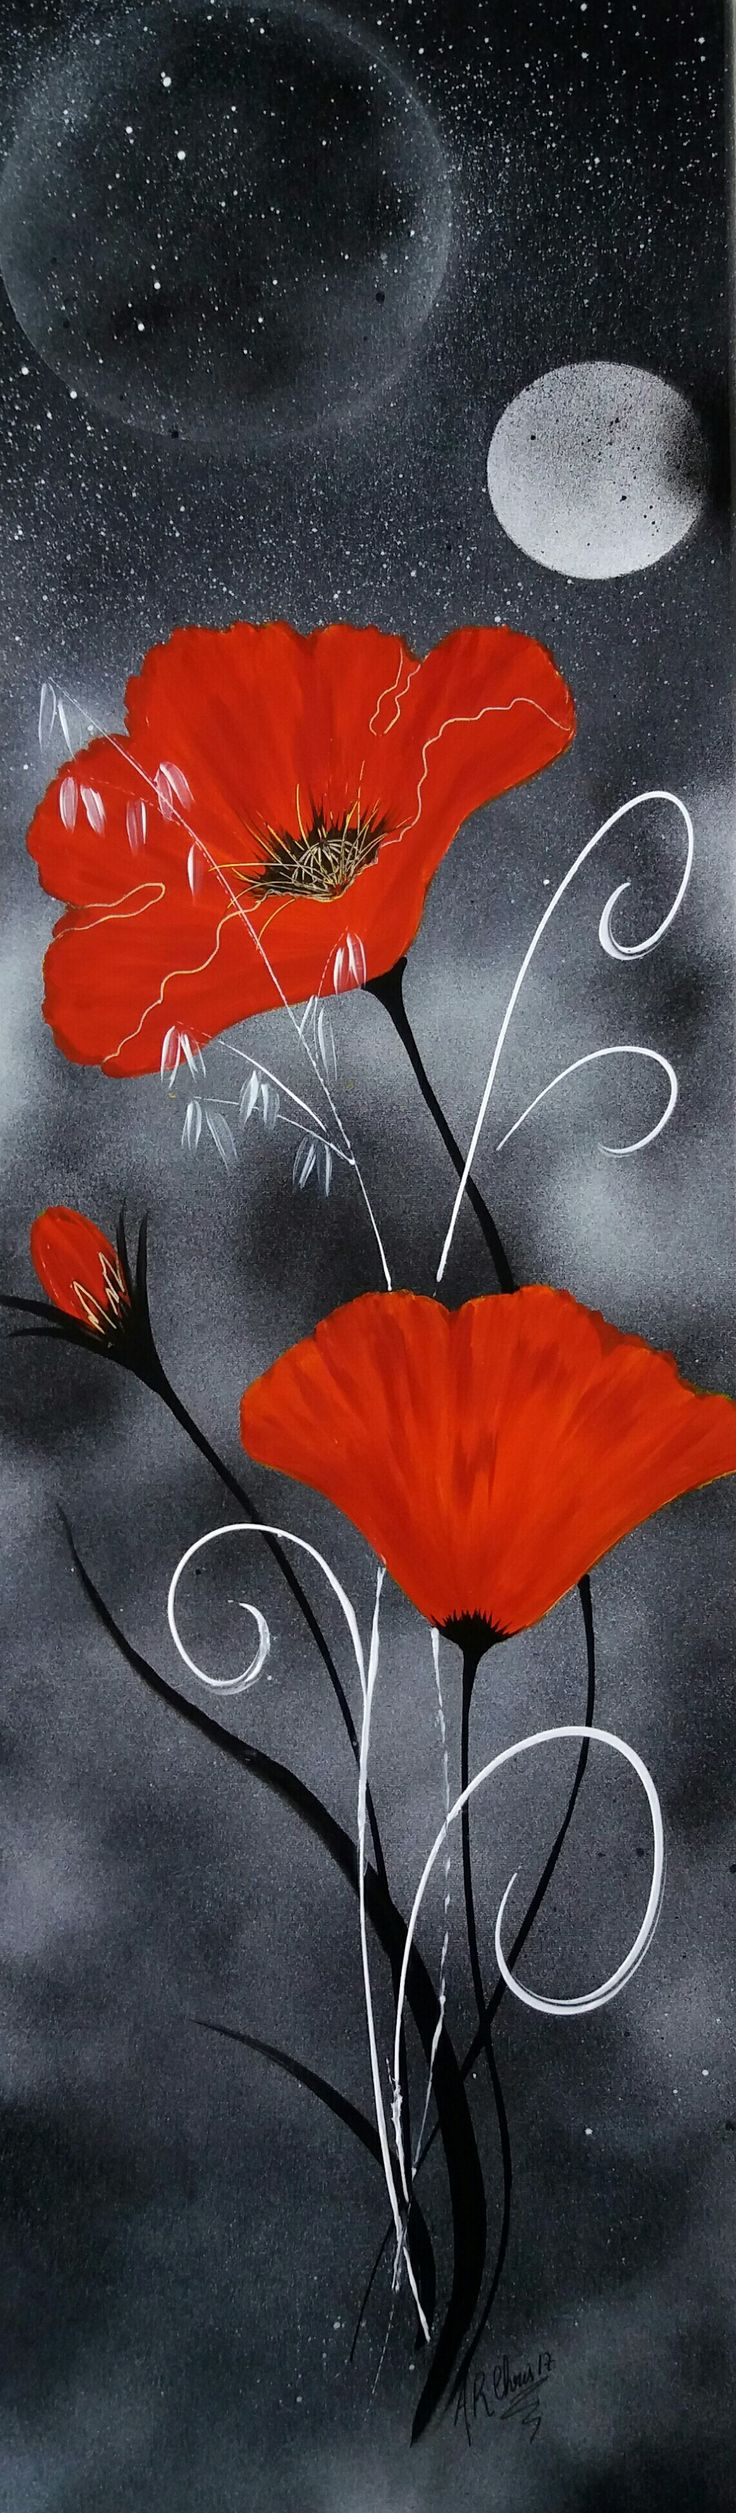 Tableau coquelicots. peinture acrylique, technique mixte pinceaux et bombe sur toile 100x30. Peint par RAFFIN CHRISTINE. 2017